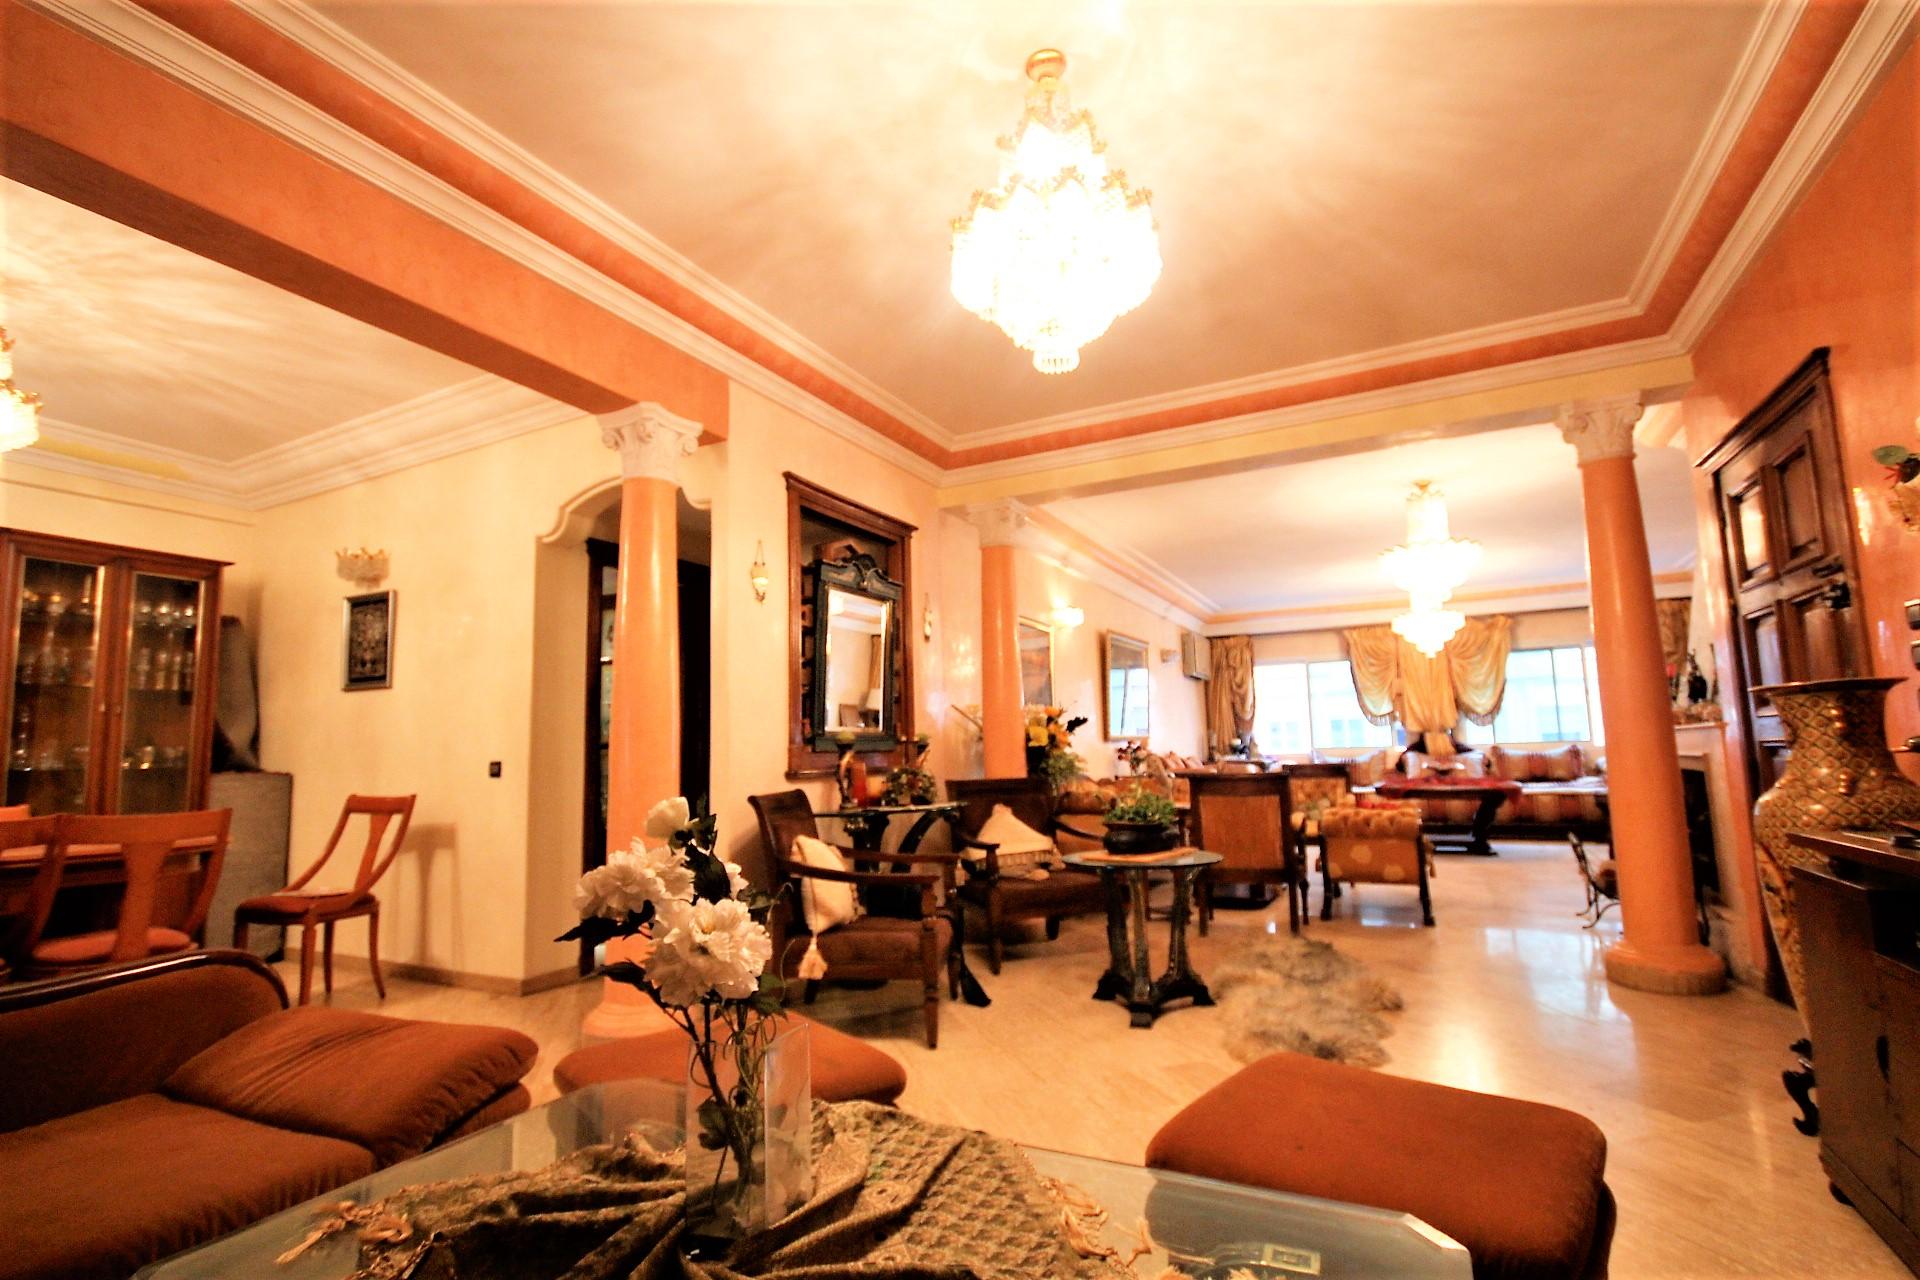 Maroc, Casablanca, cœur de racine, à louer confortable logement meublé d'une superficie totale habitable de 160 m²